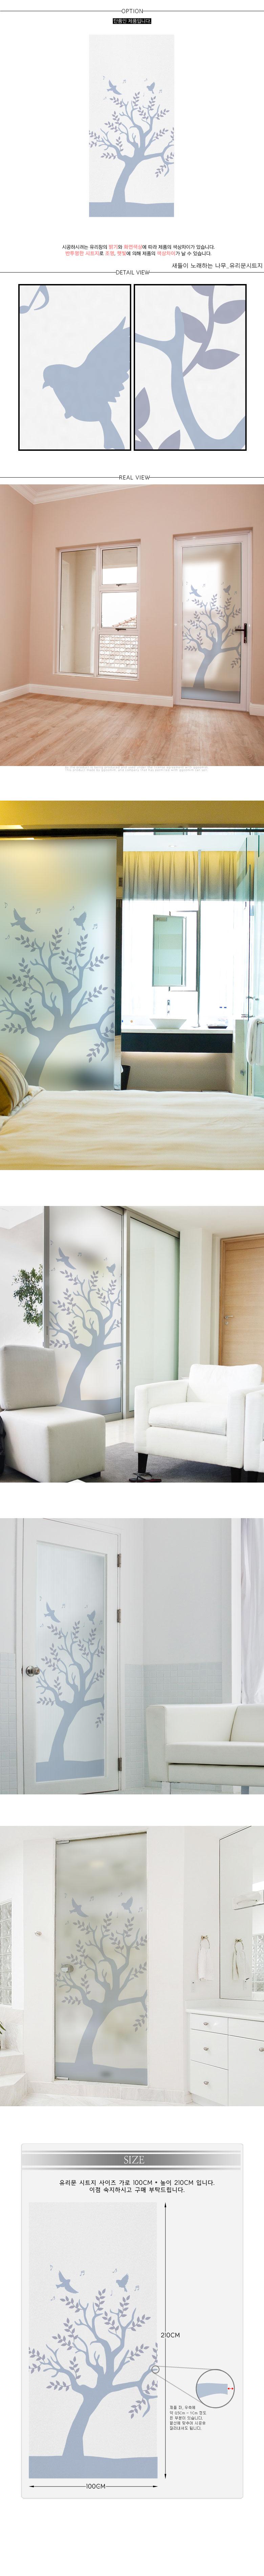 무점착유리시트_새들이노래하는나무_유리문시트지 - 꾸밈, 35,200원, 벽시/시트지, 디자인 시트지